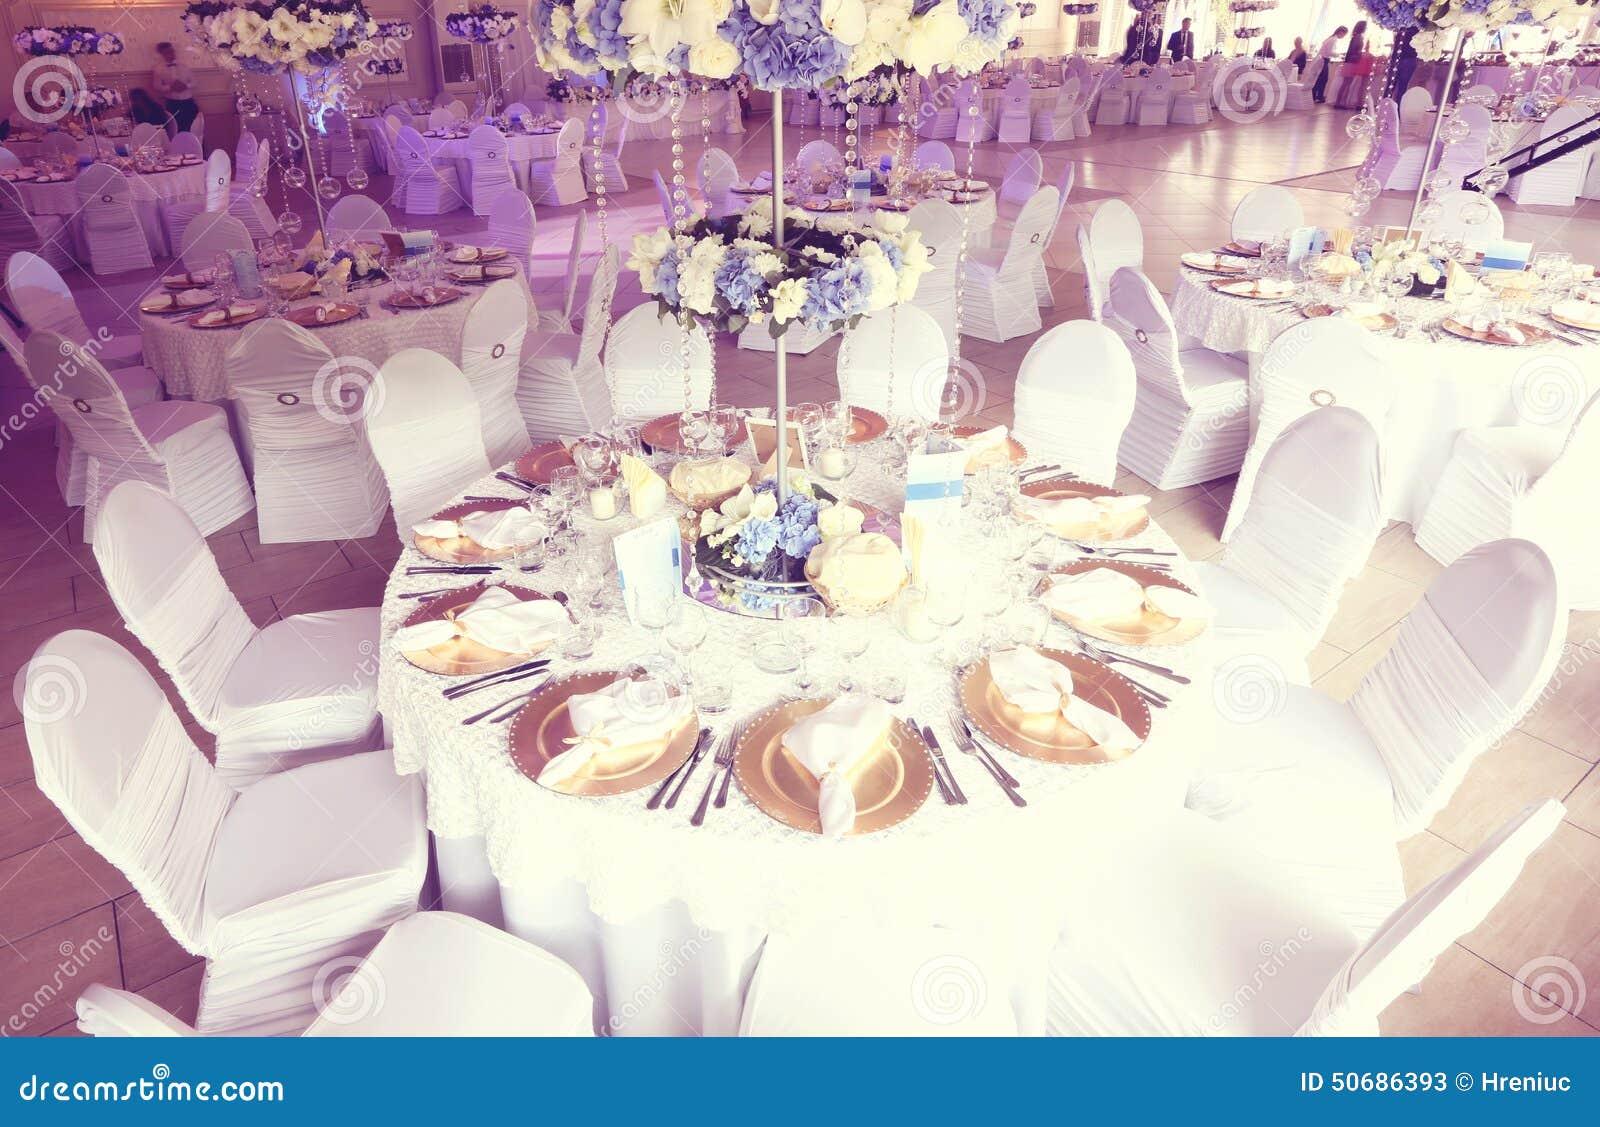 Download 婚礼装饰花 库存图片. 图片 包括有 膳食, 陶器, 蓝色, 编排者, 菜单, 用餐, 玻璃, 活动, 干净 - 50686393